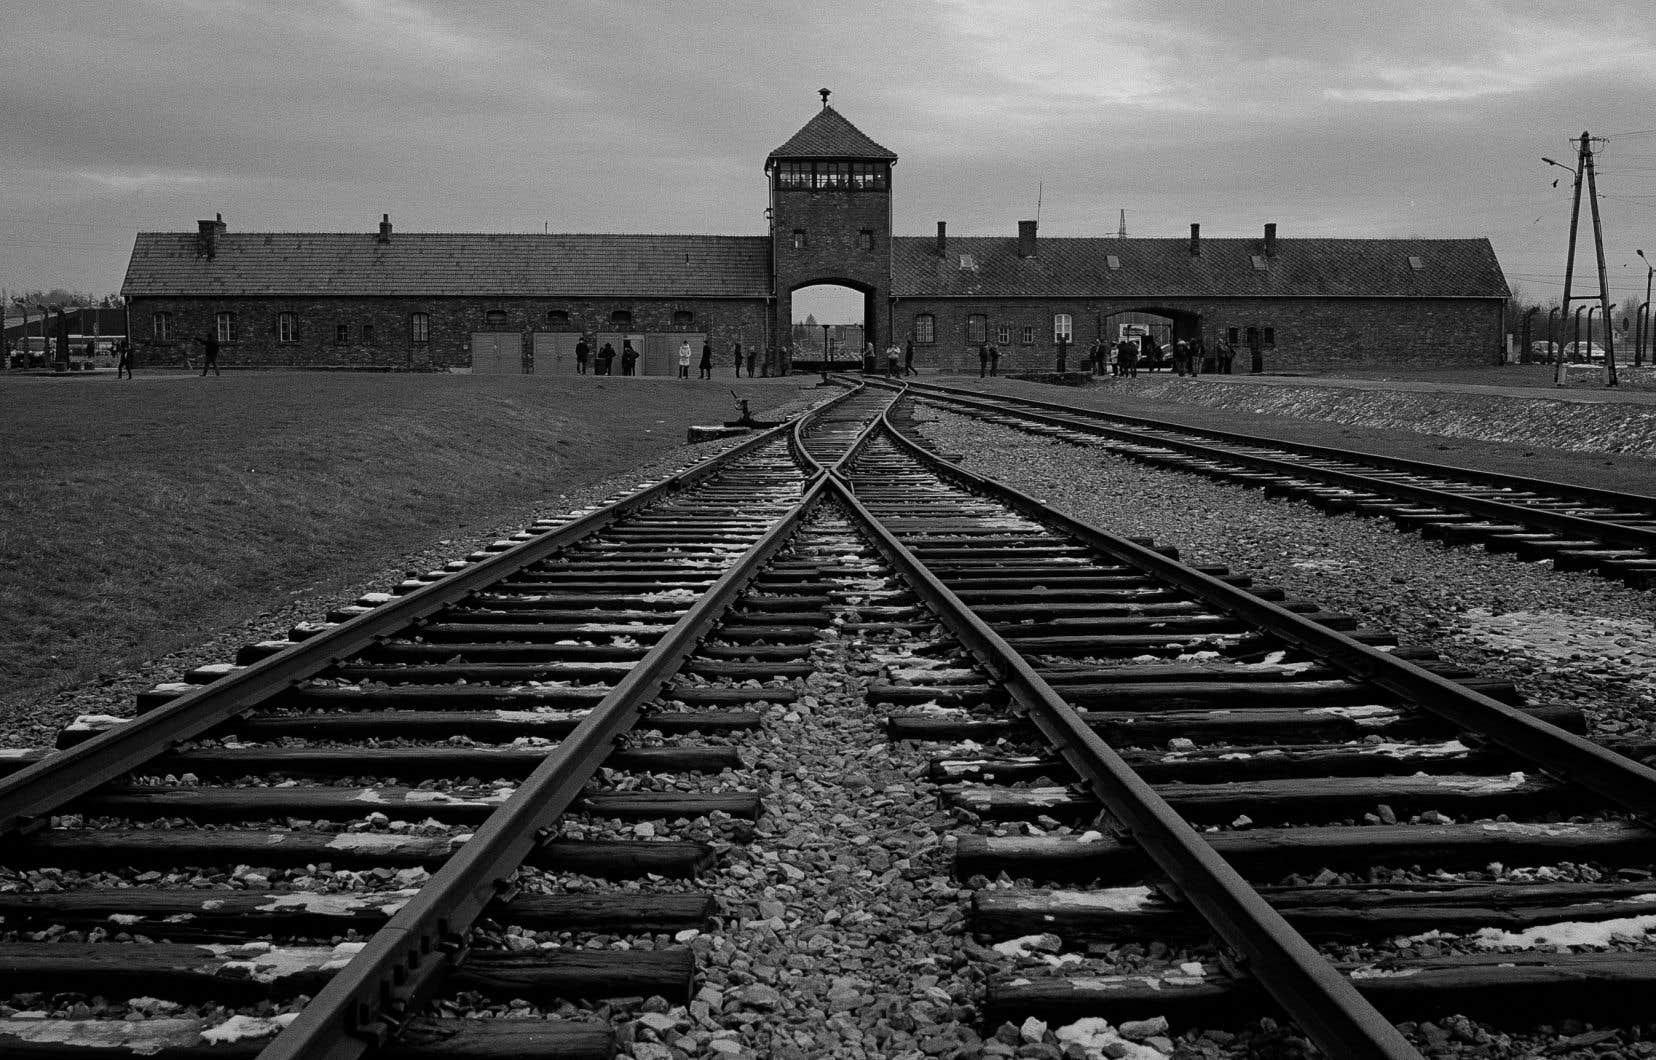 «La haine, l'intolérance et les préjugés qui ont engendré la Shoah n'ont pas disparu», croit l'auteur.